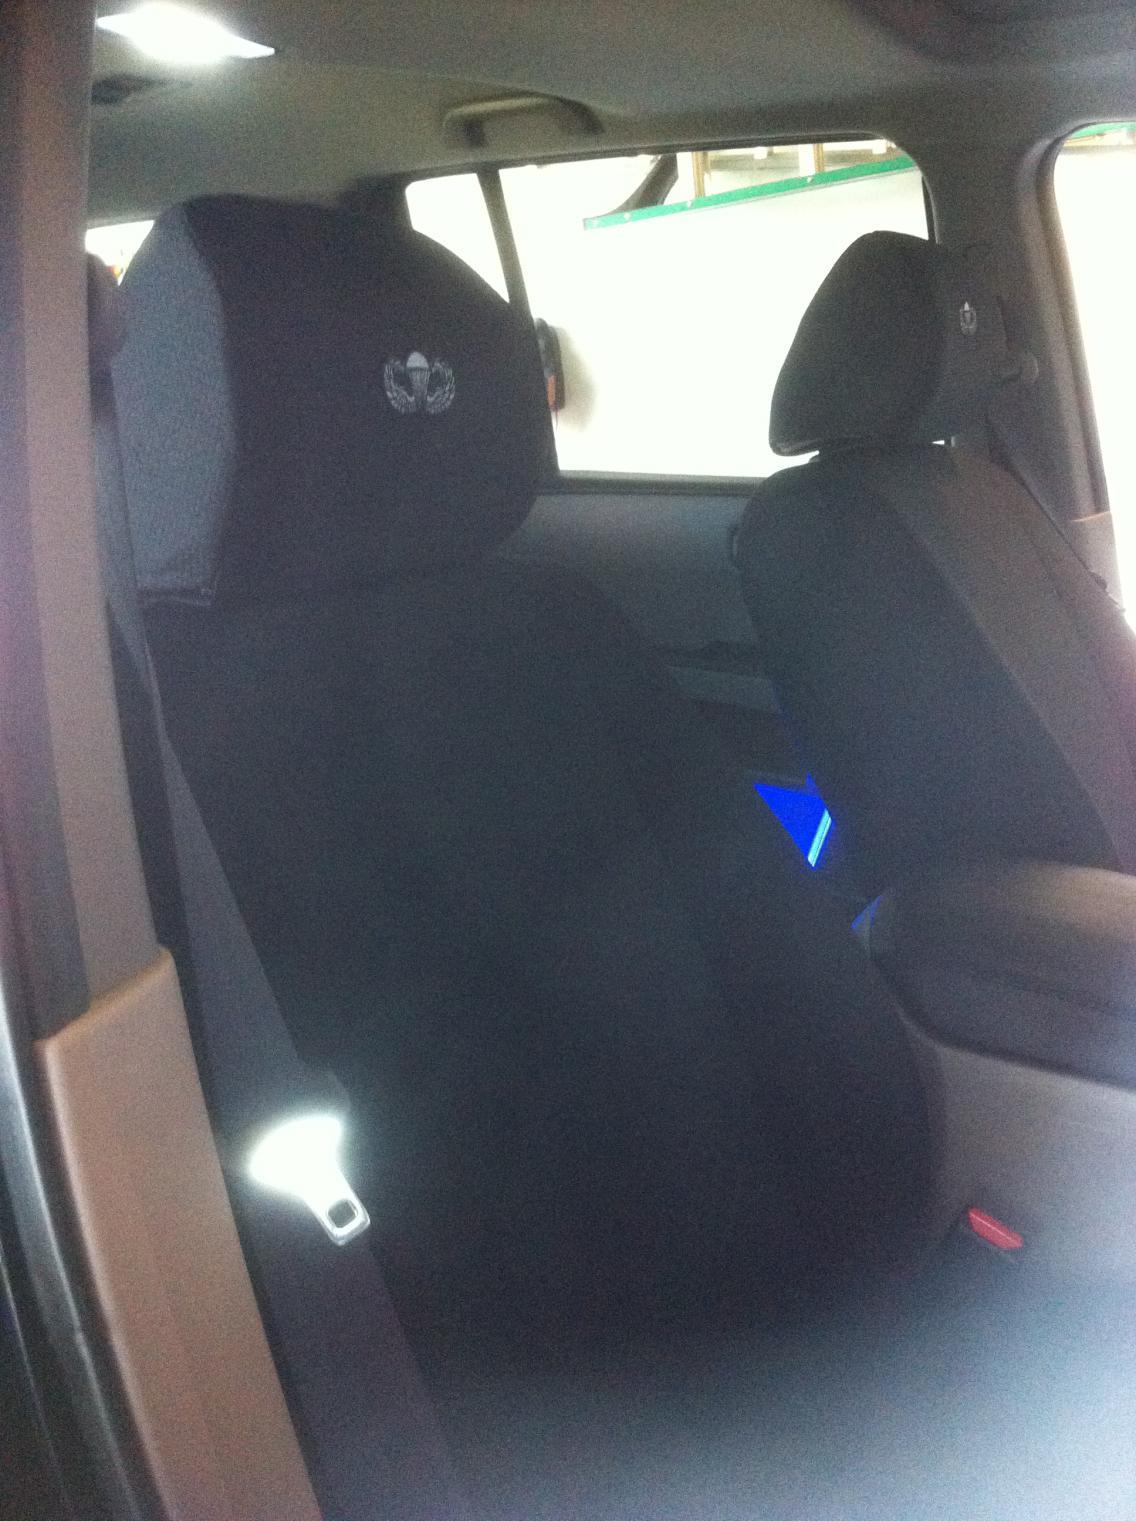 click image for larger versionname front seat kbid 51546. Black Bedroom Furniture Sets. Home Design Ideas